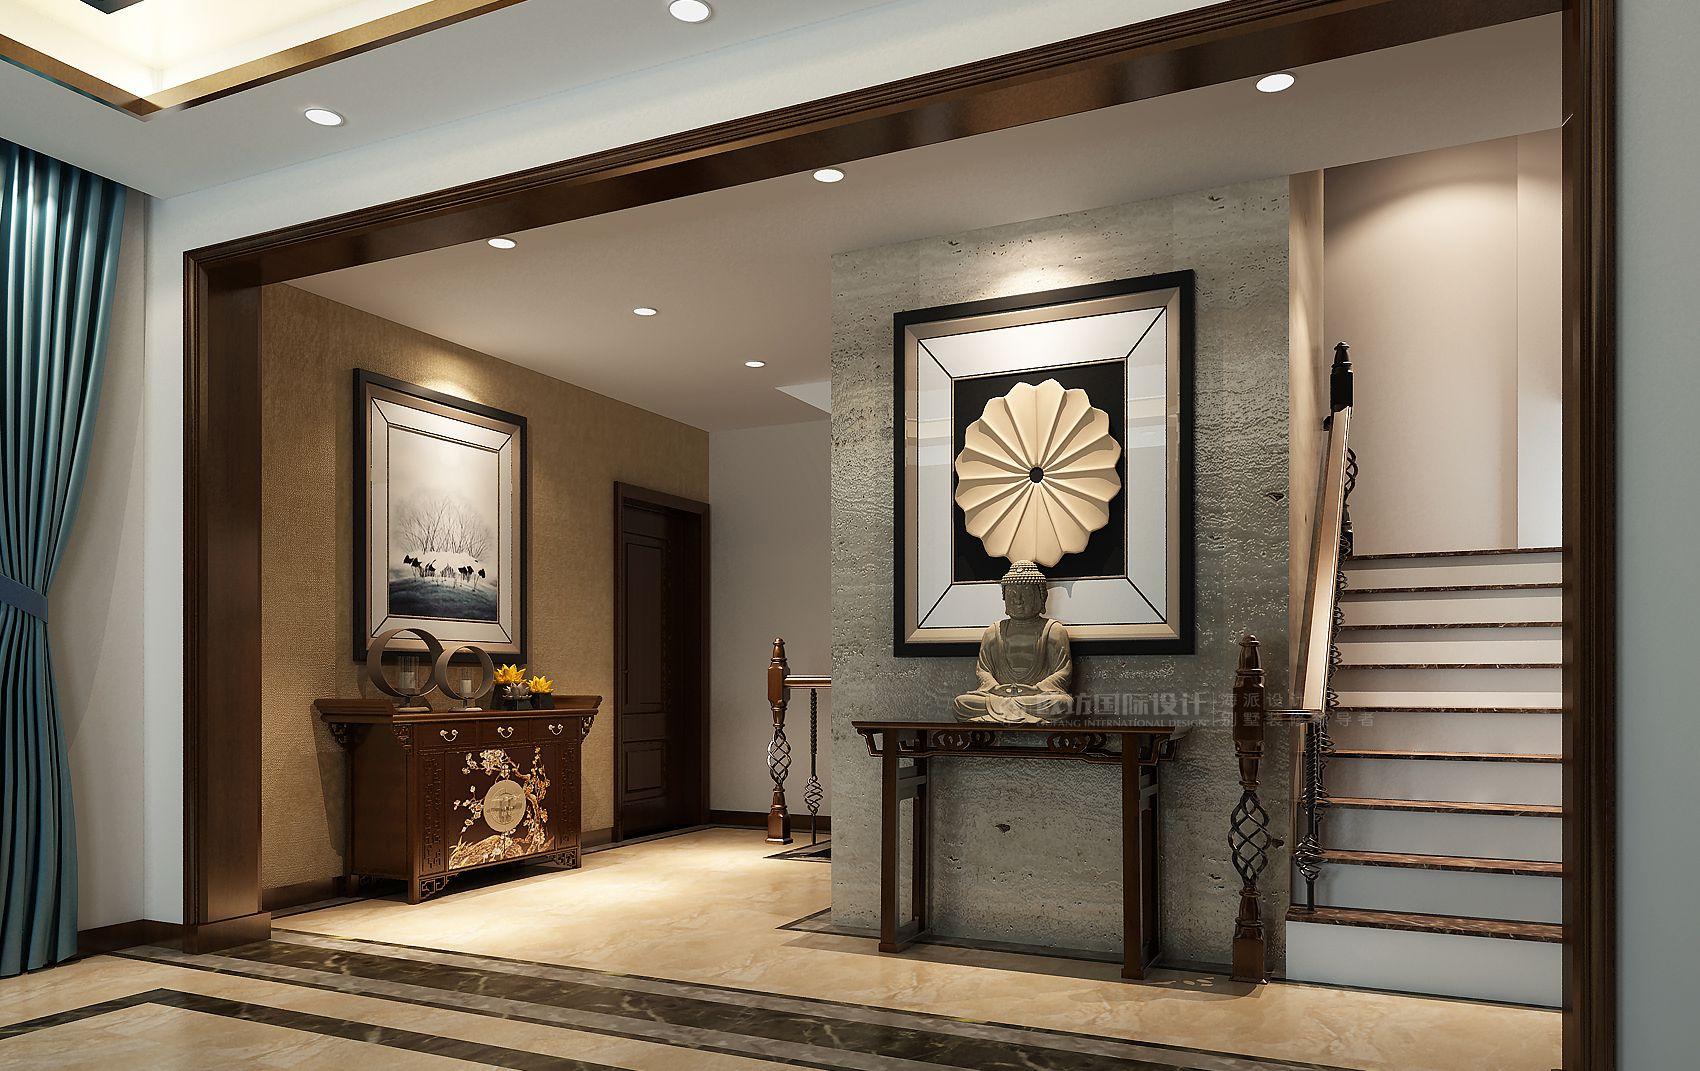 【图】上海别墅鸿郡联排别墅装修效果图新中式大亚湾2017在远洋售图片